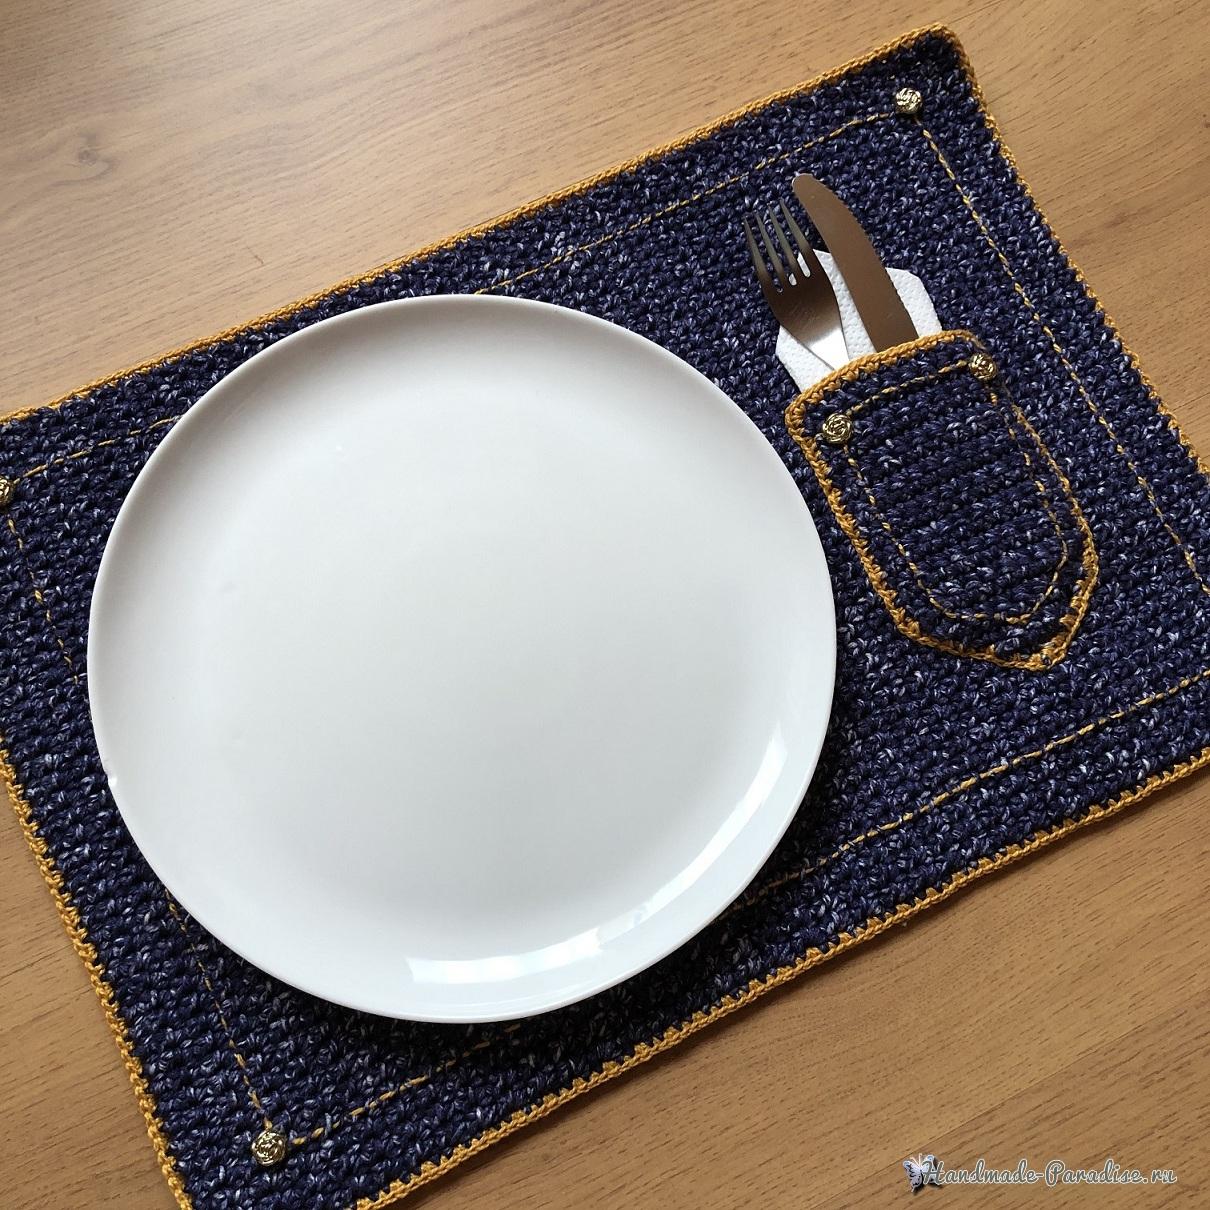 Джинсовая салфетка для сервировки стола